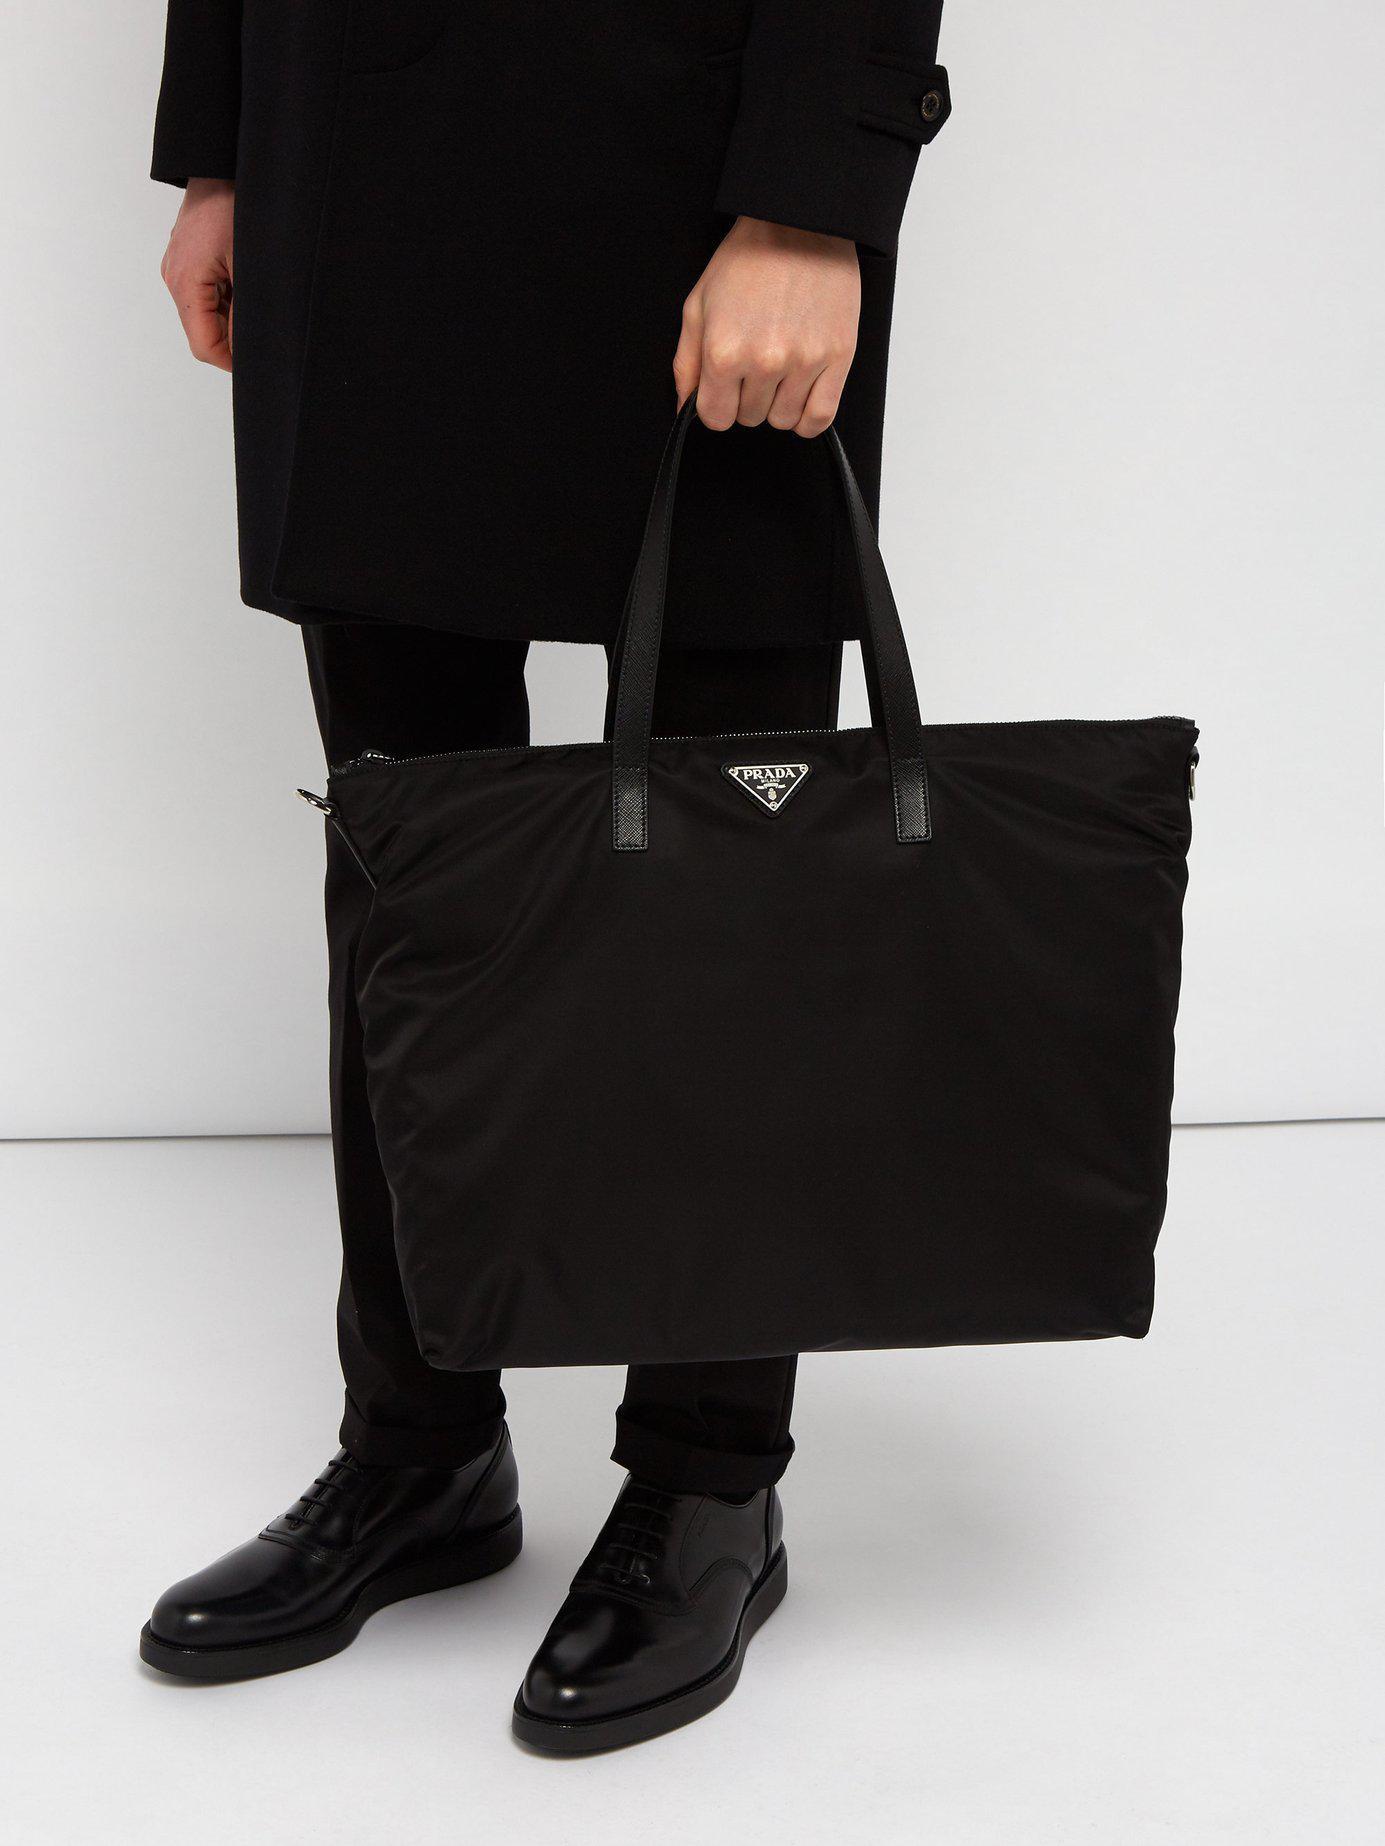 Prada - Black Nylon Tote Bag for Men - Lyst. View fullscreen cfffc26f21045